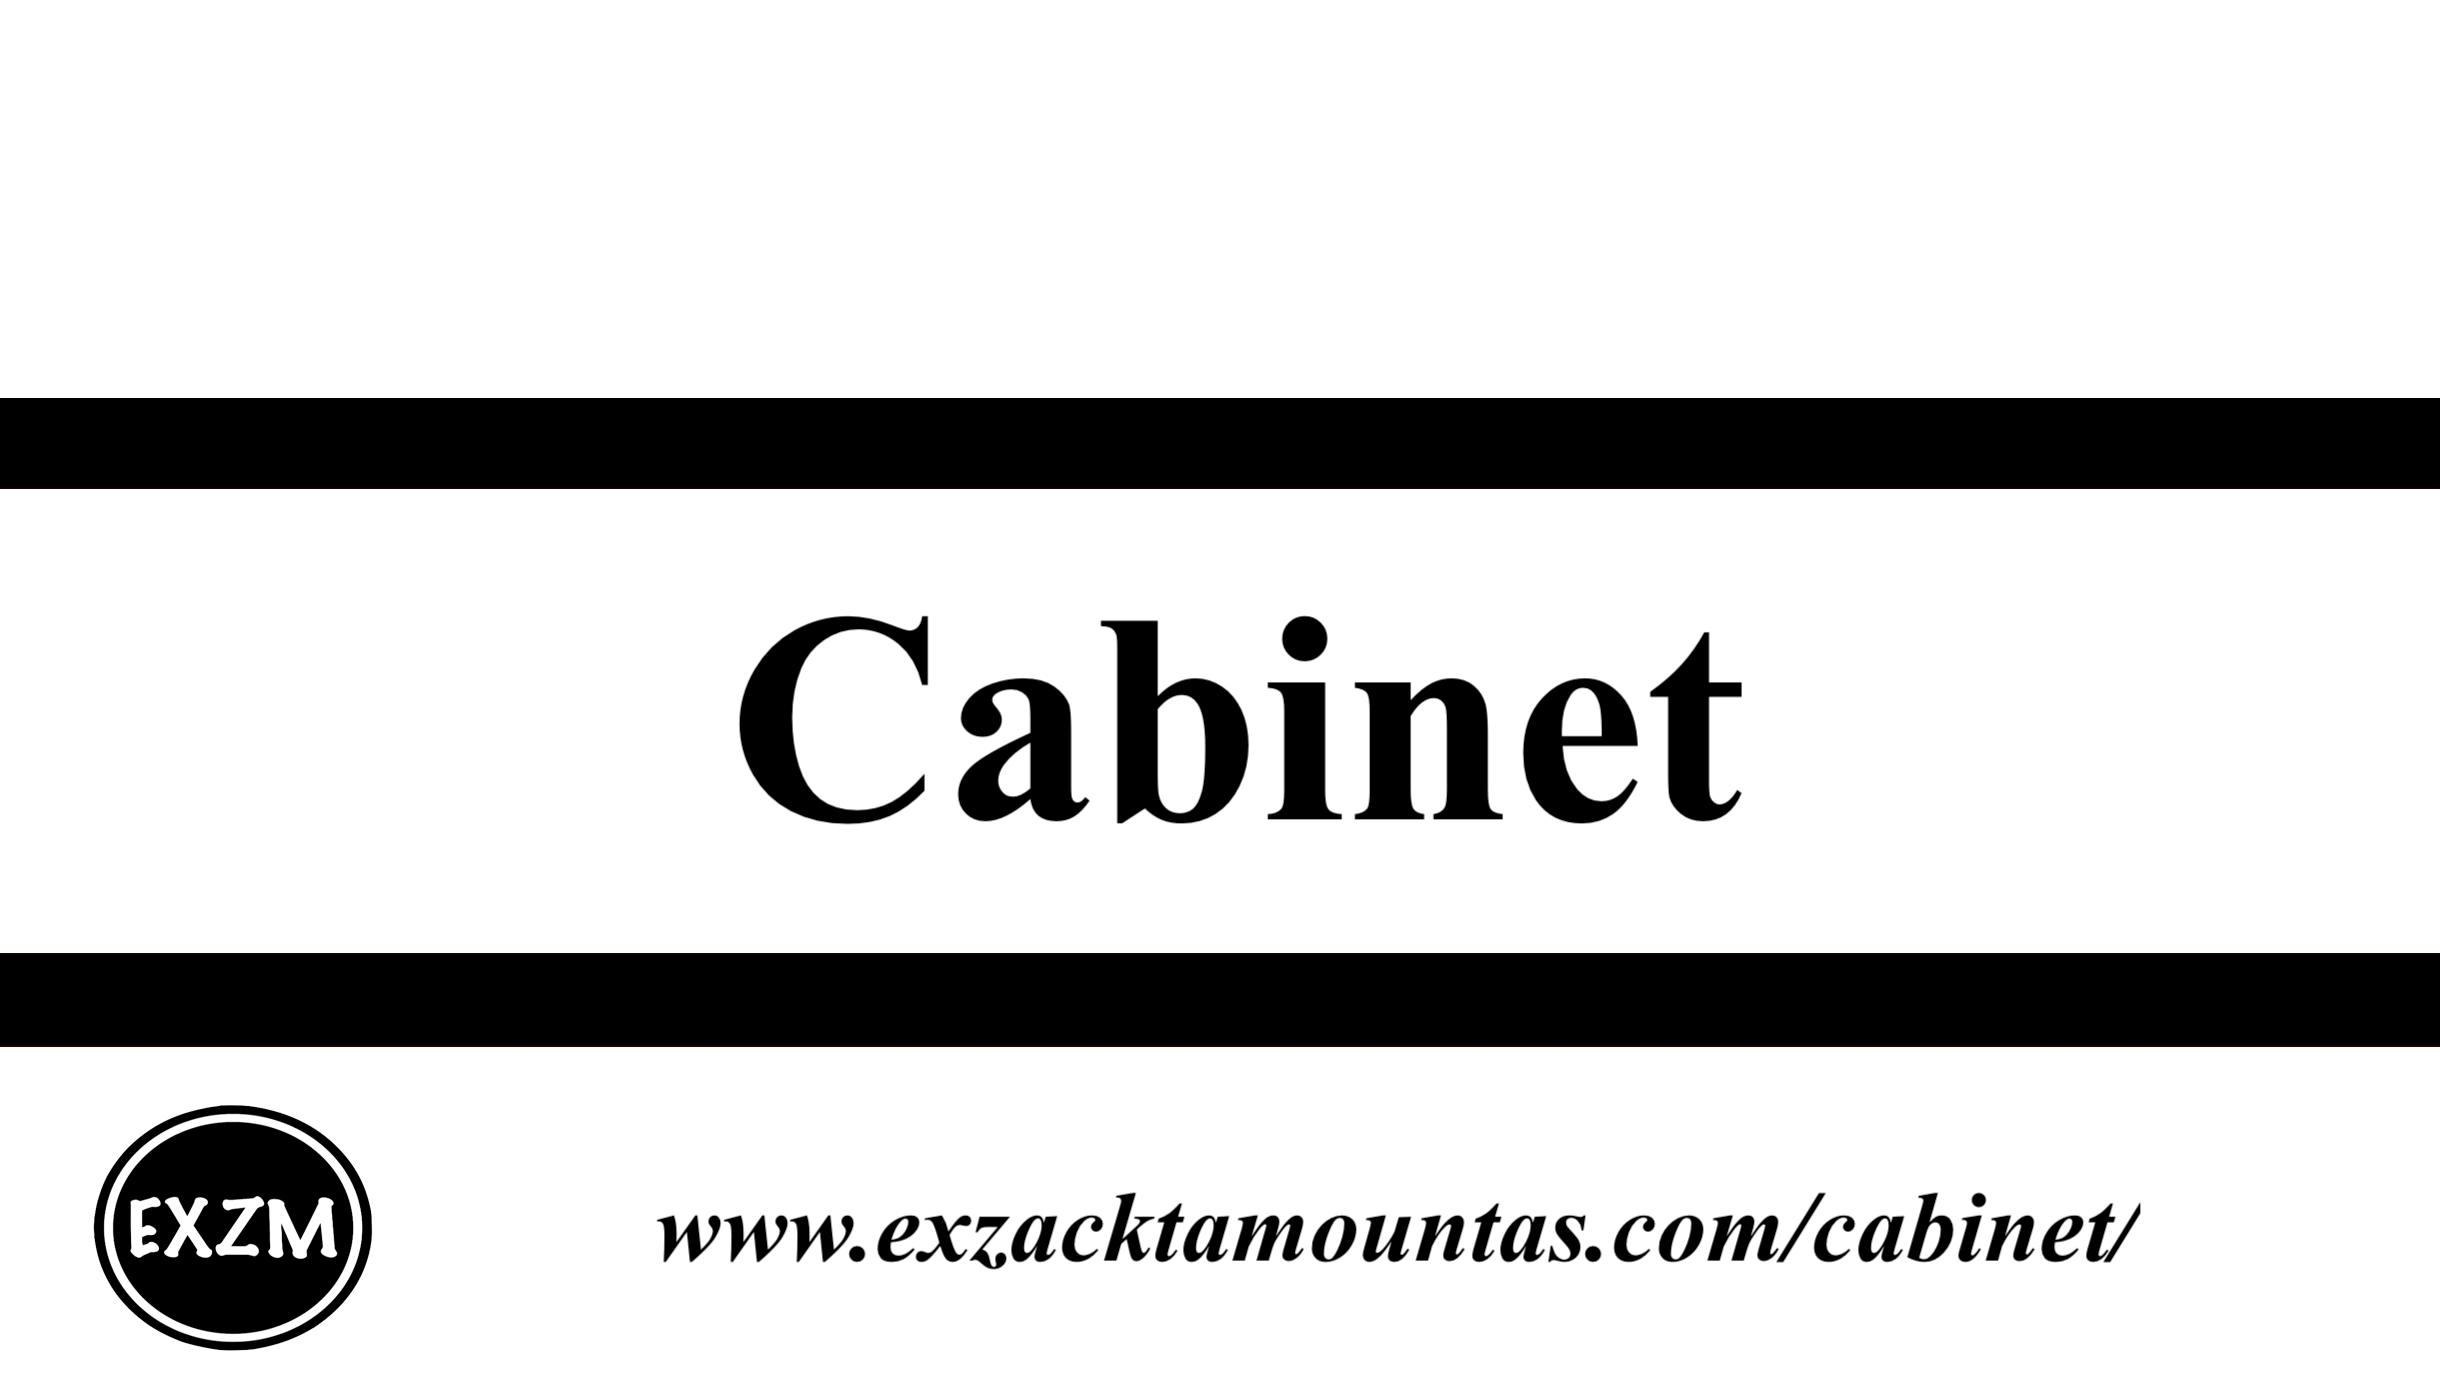 Cabinet EXZM 10 1 2019